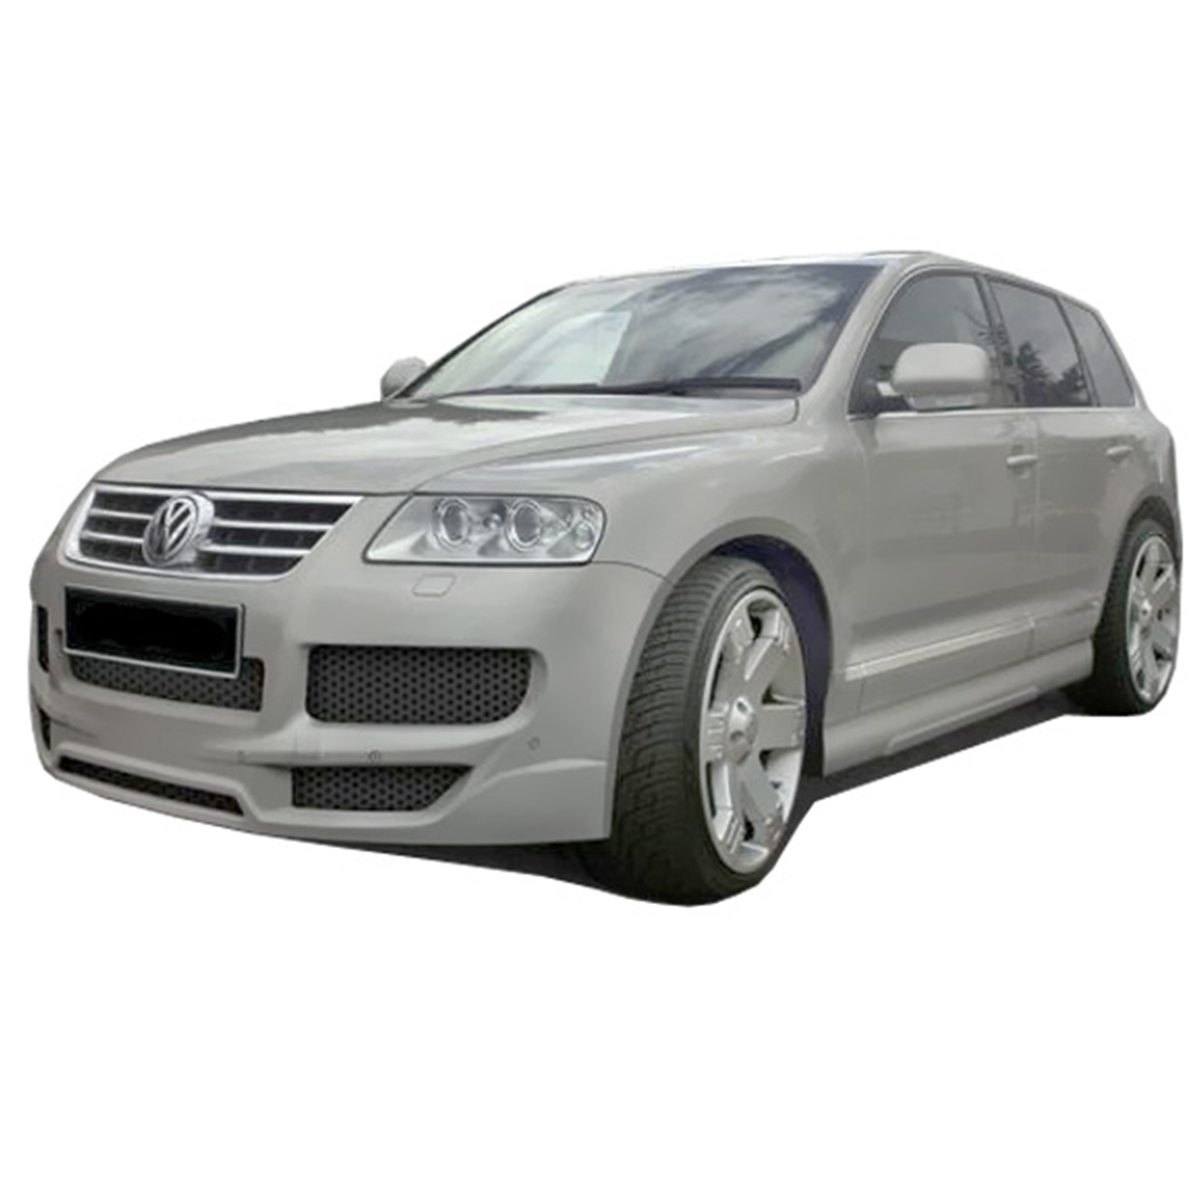 VW-Touareg-frt-PCS246